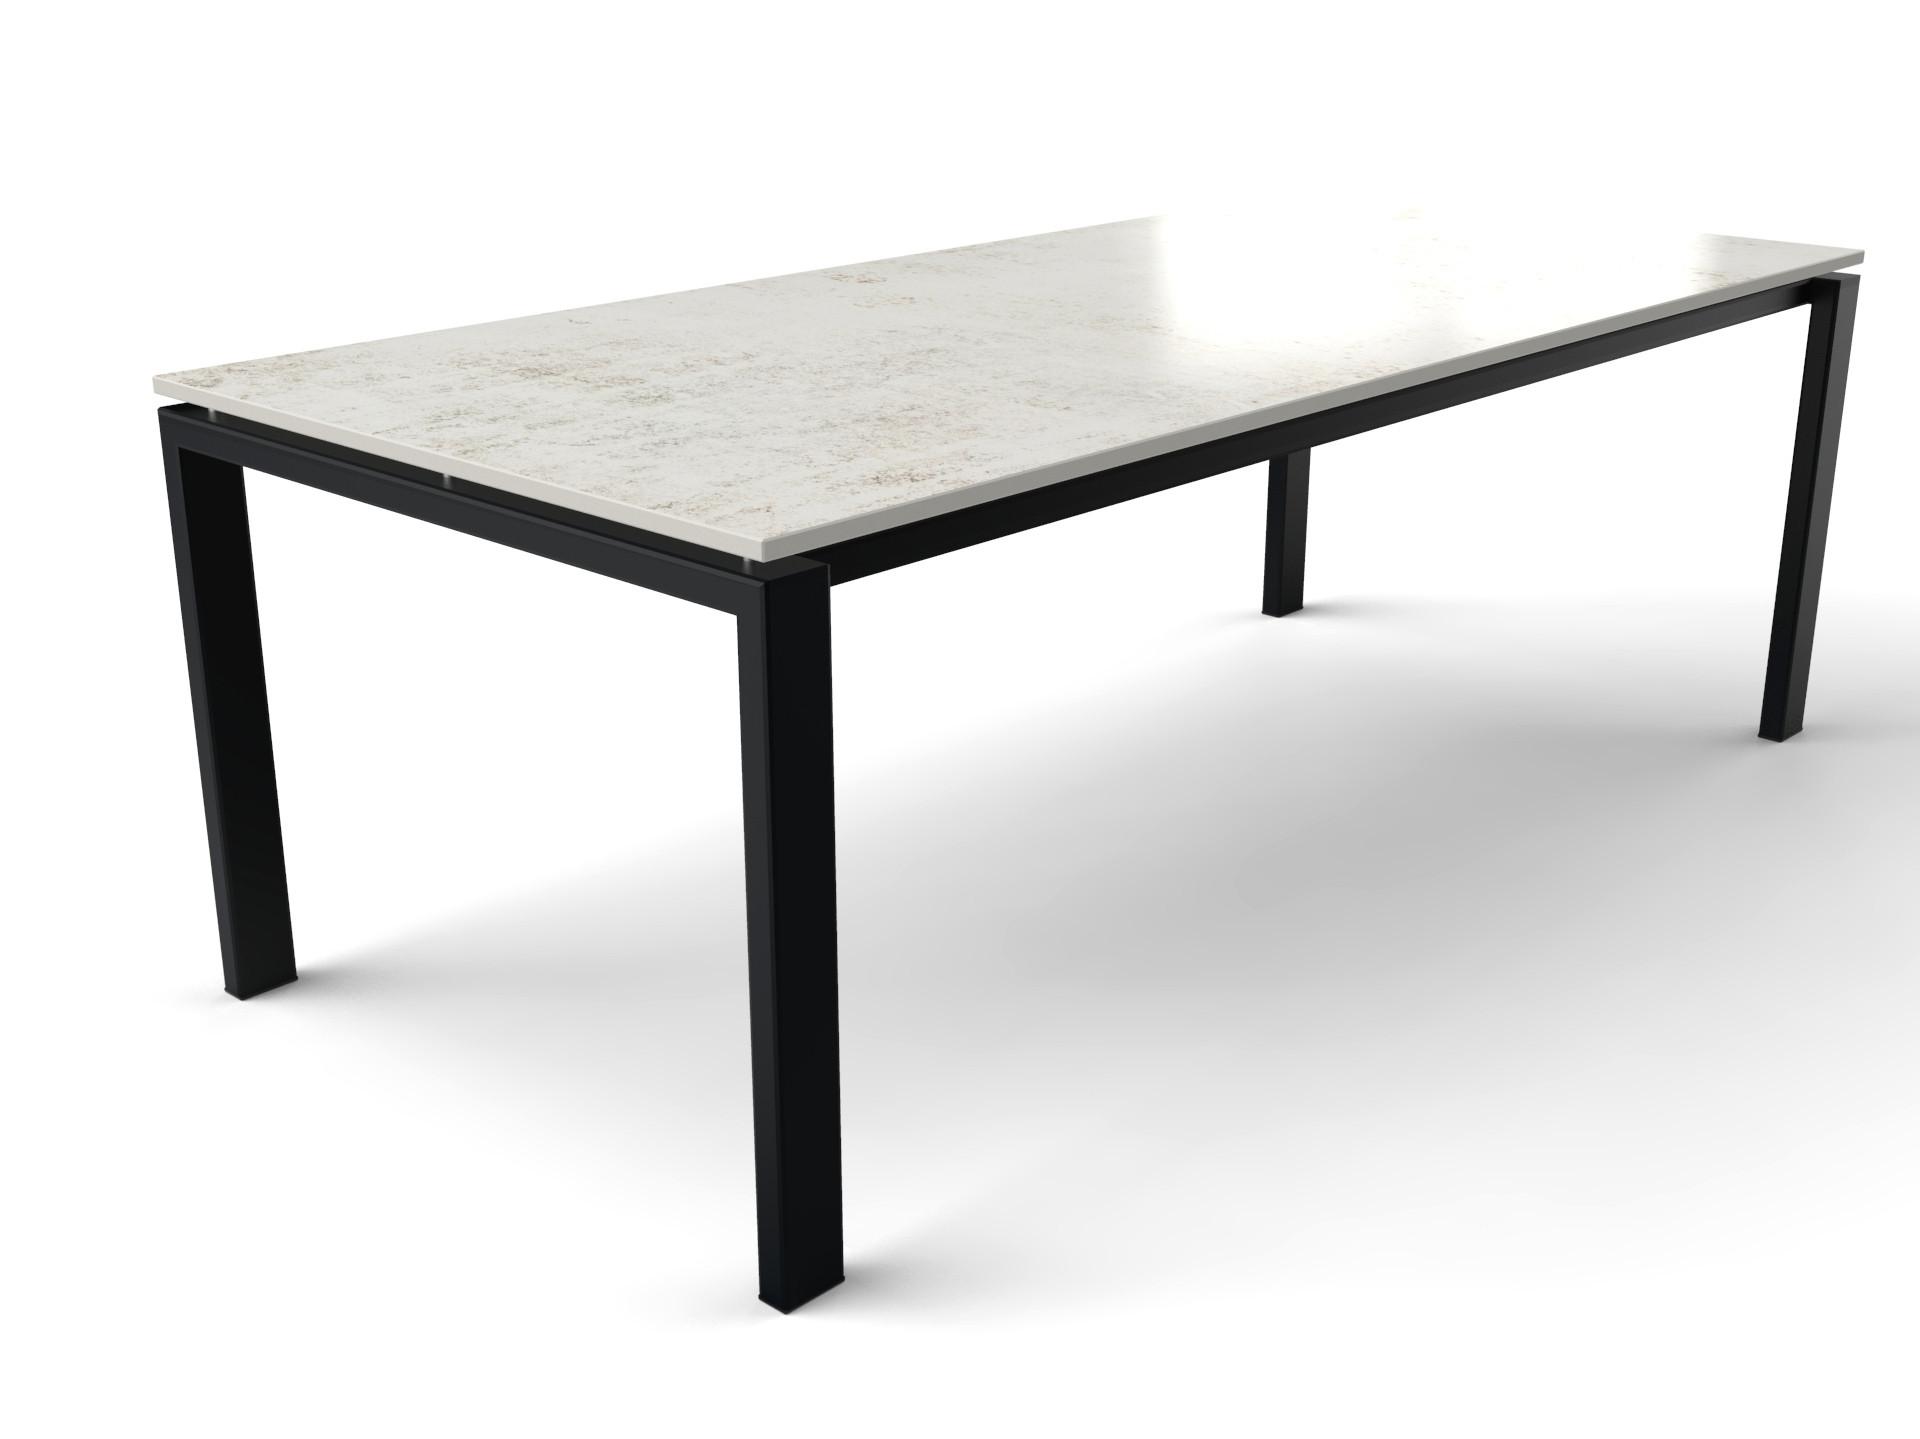 Rechteckiger Esstisch für sechs oder acht Personen mit Dekton-Tischplatte und Stahl Gestell